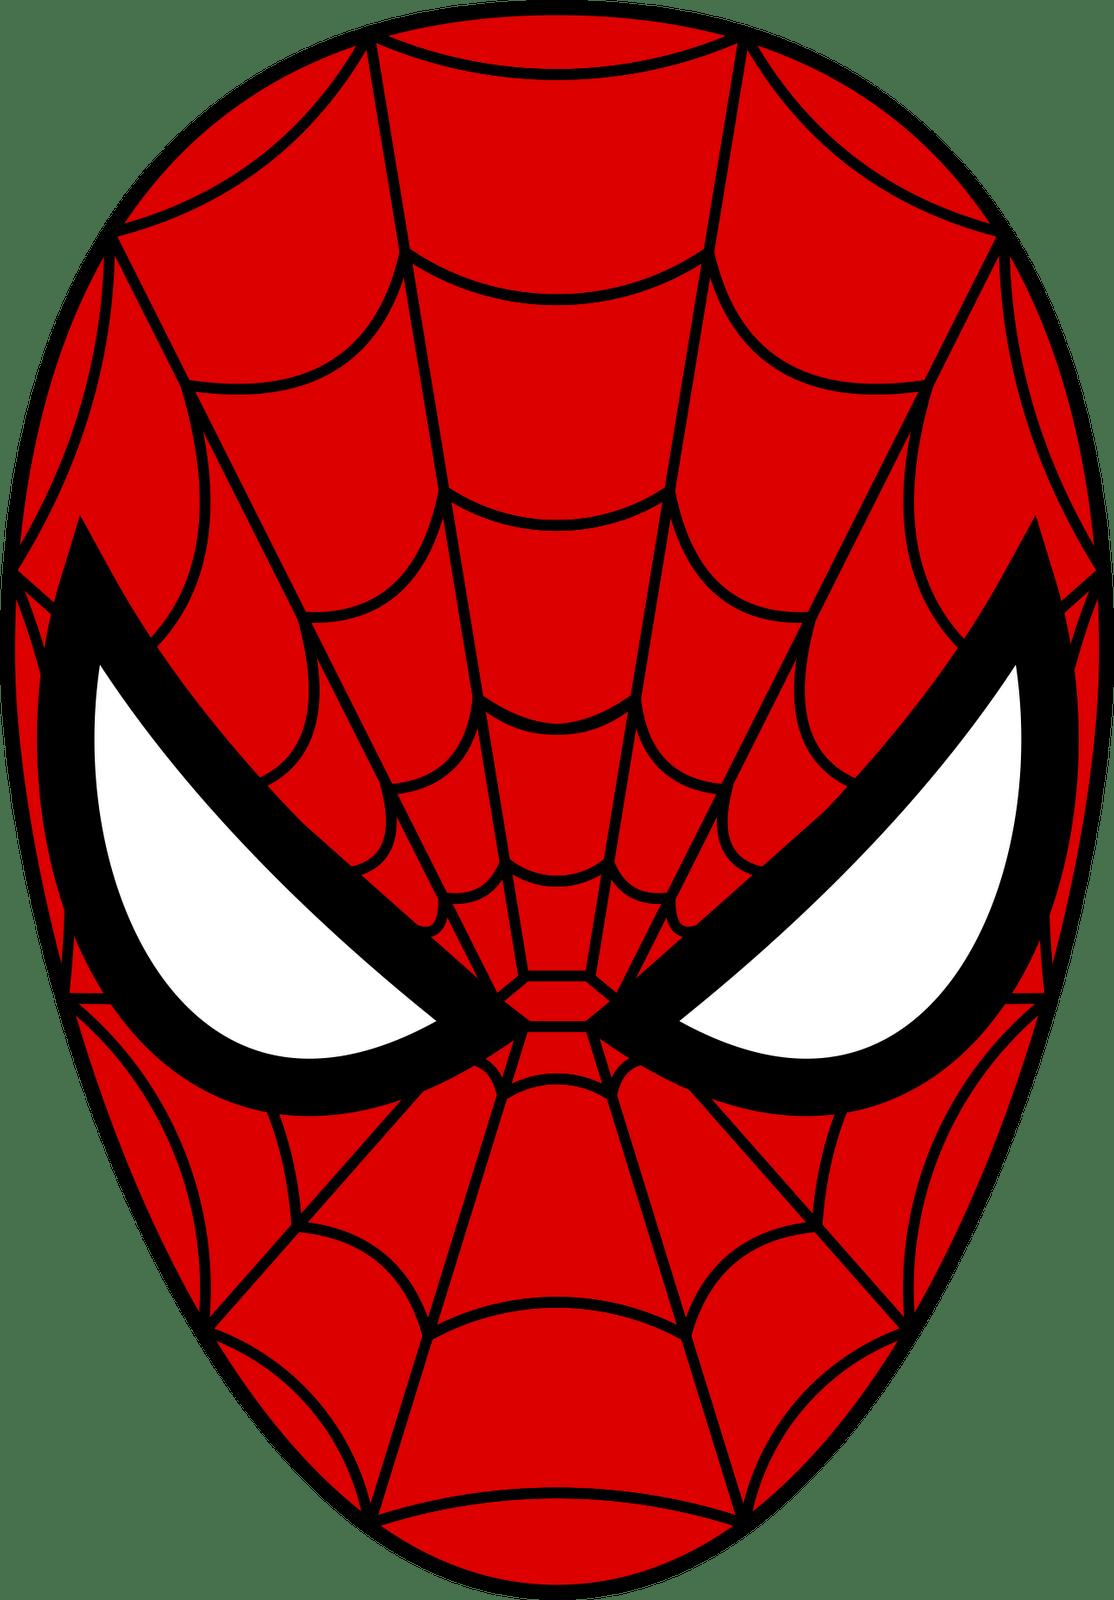 Spider Man Mask PNG Image